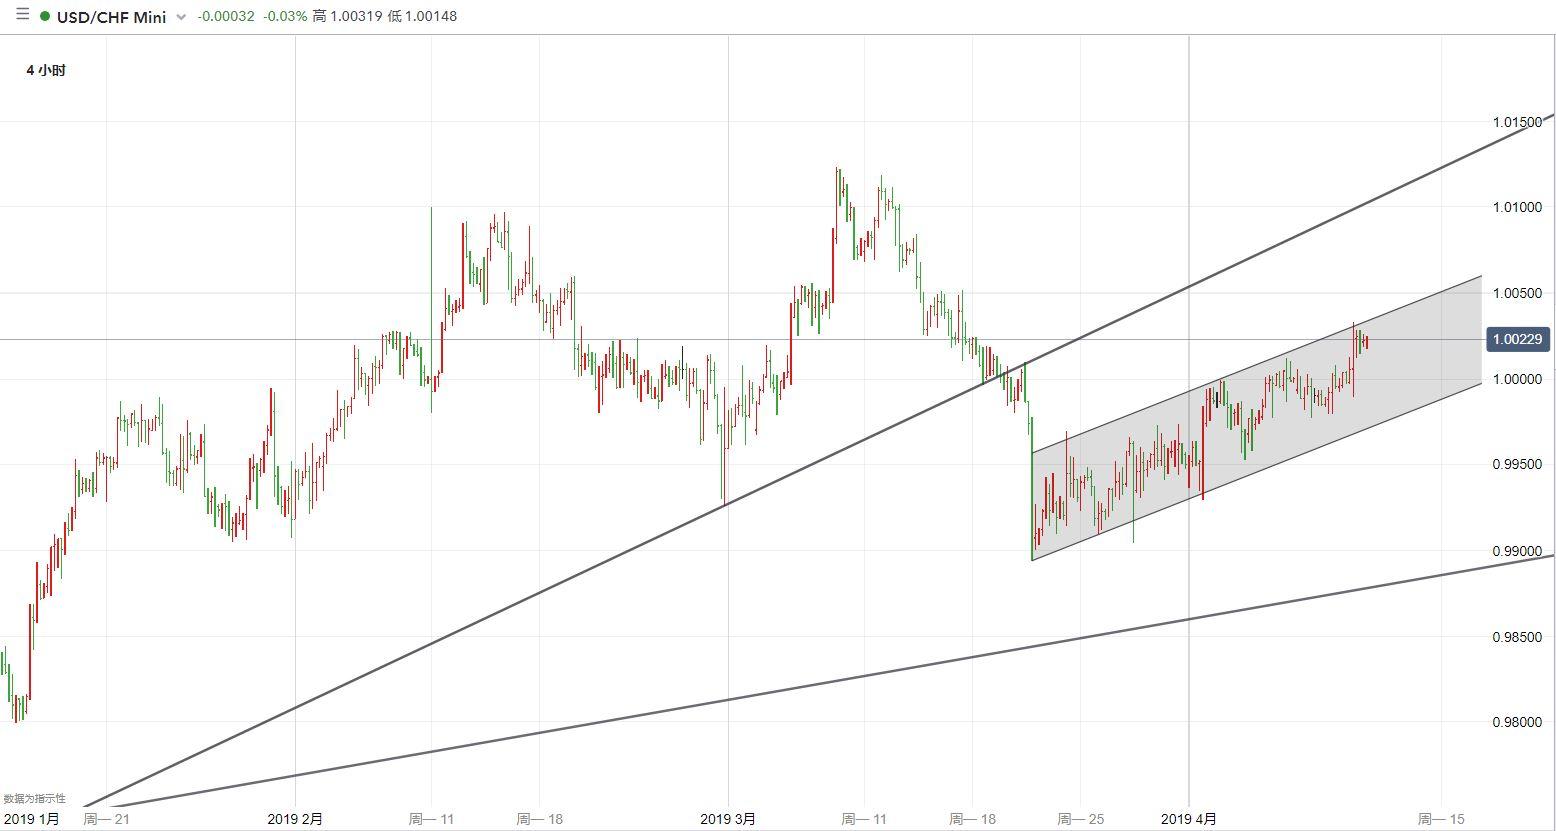 美元/瑞郎技术分析:关注能否进一步上行